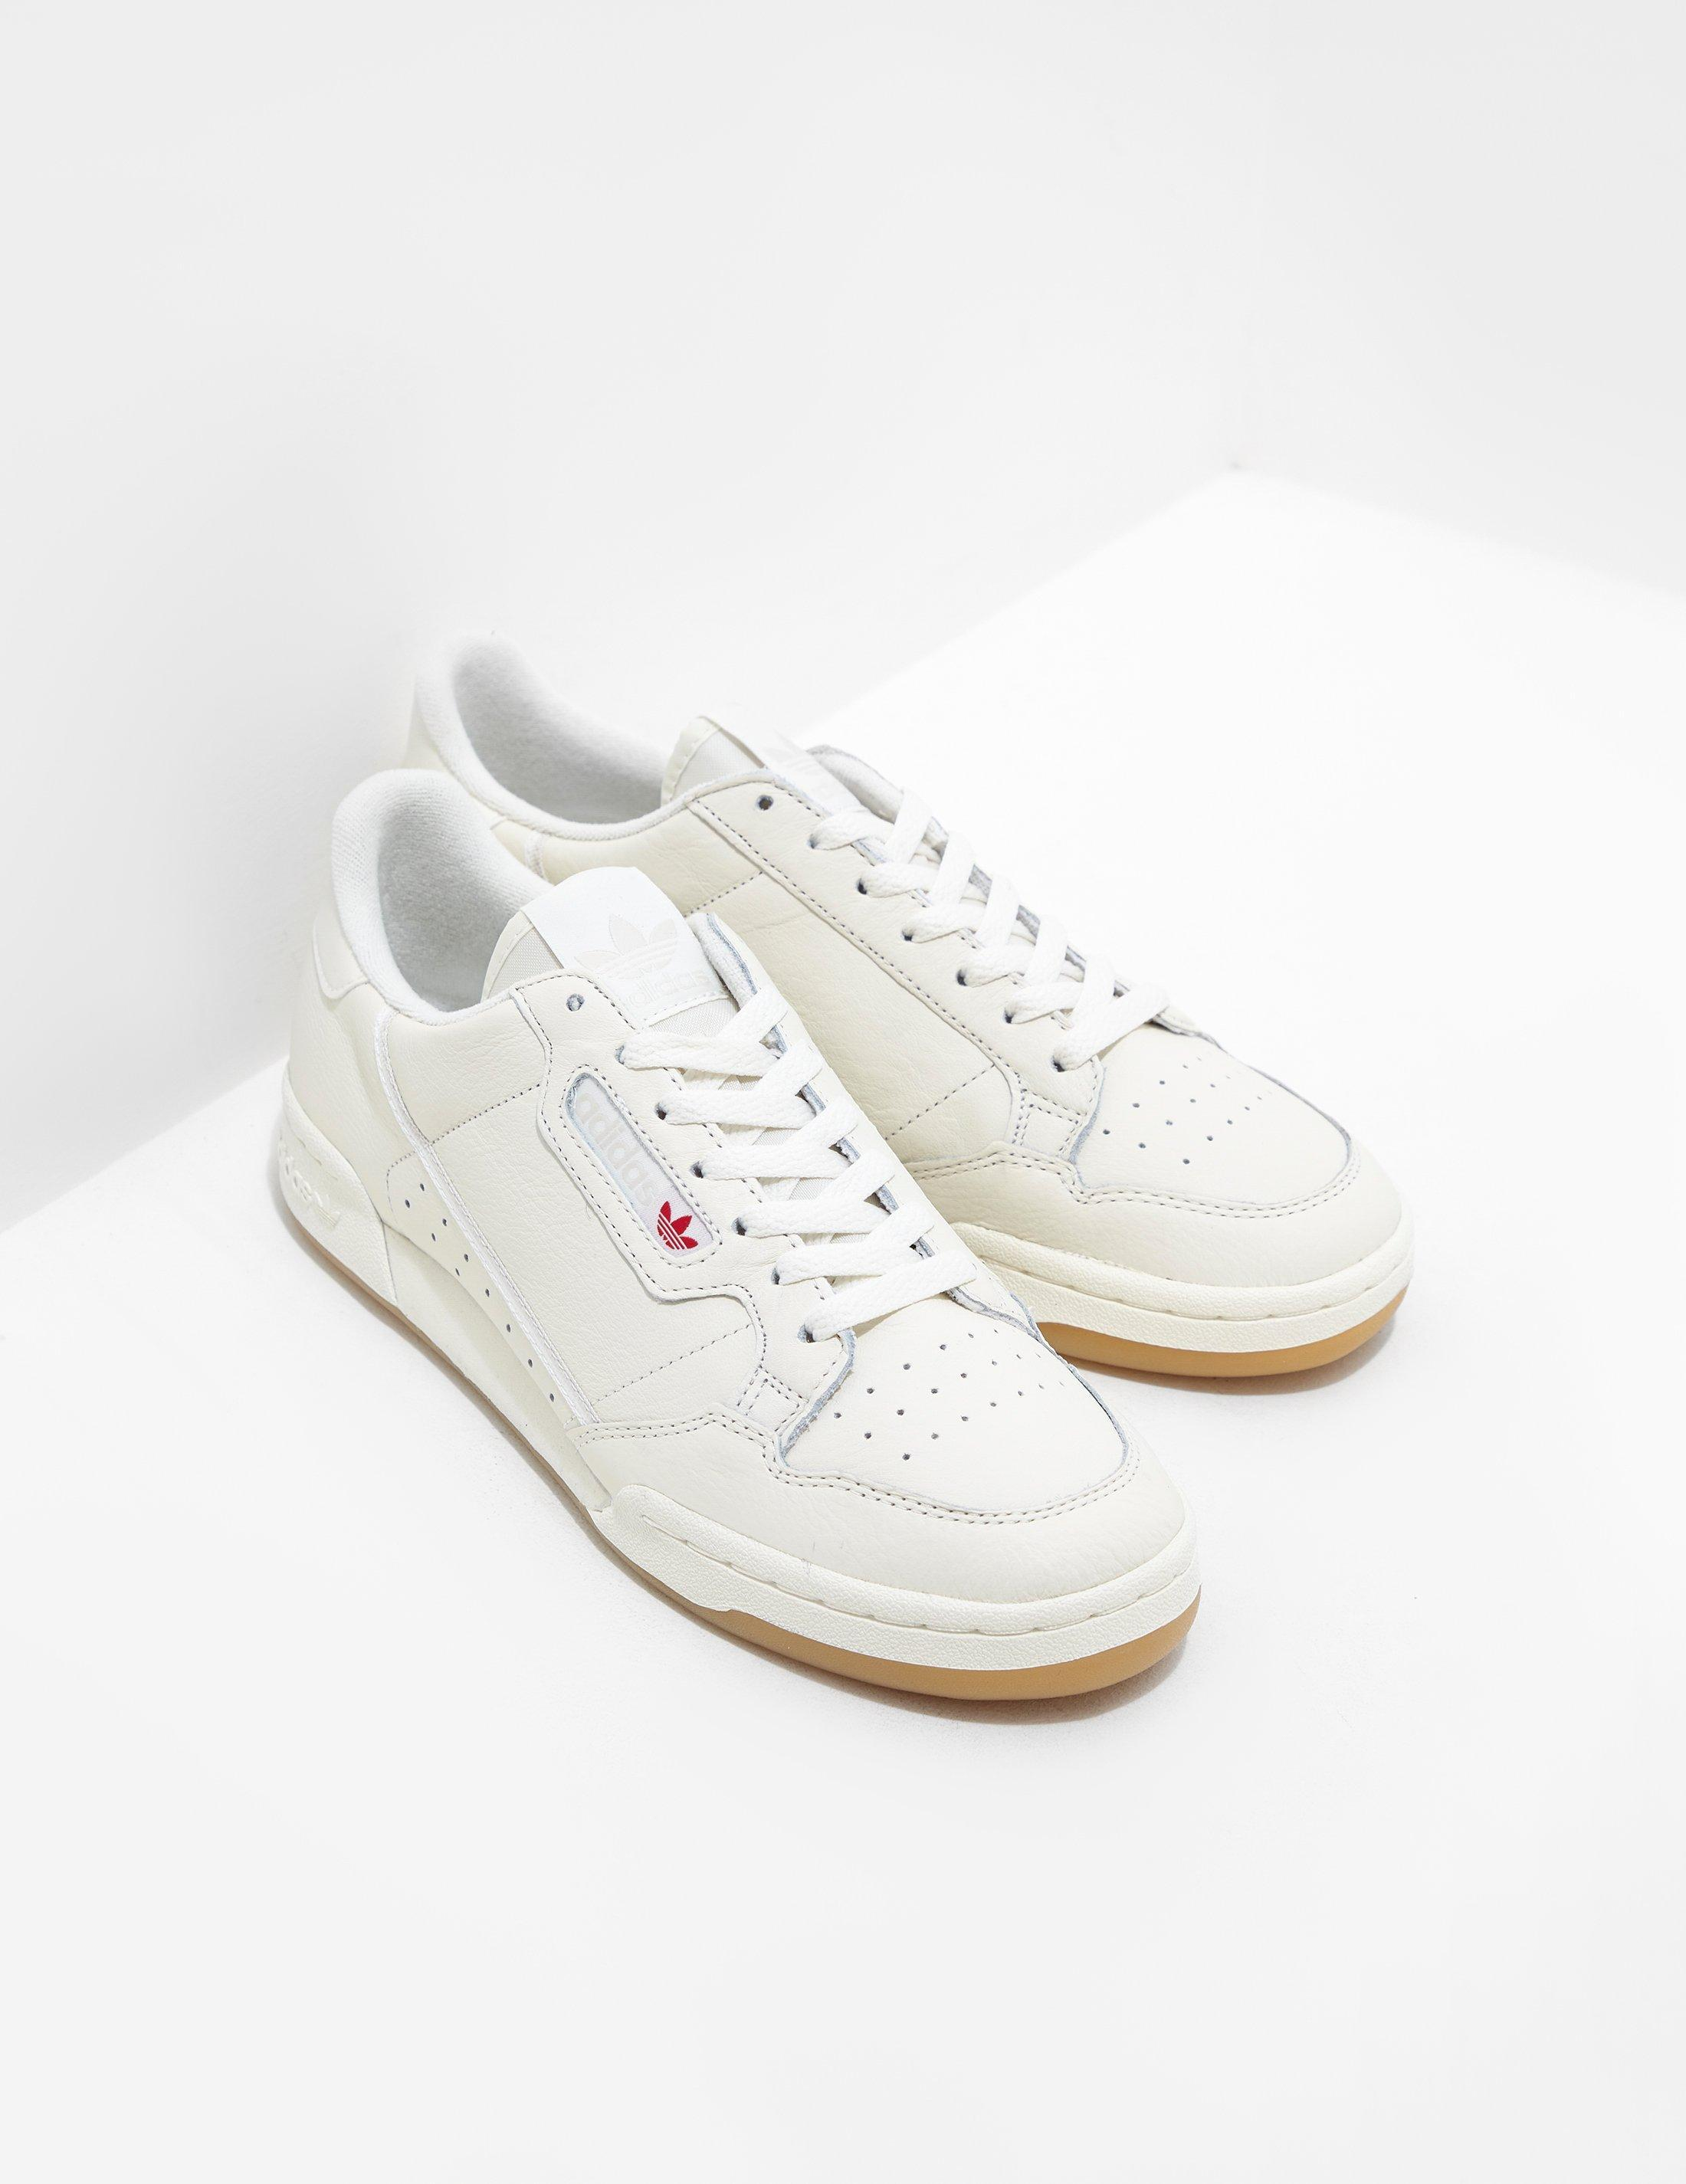 91facb63f4 Lyst - adidas Originals Continental 80 Cream for Men